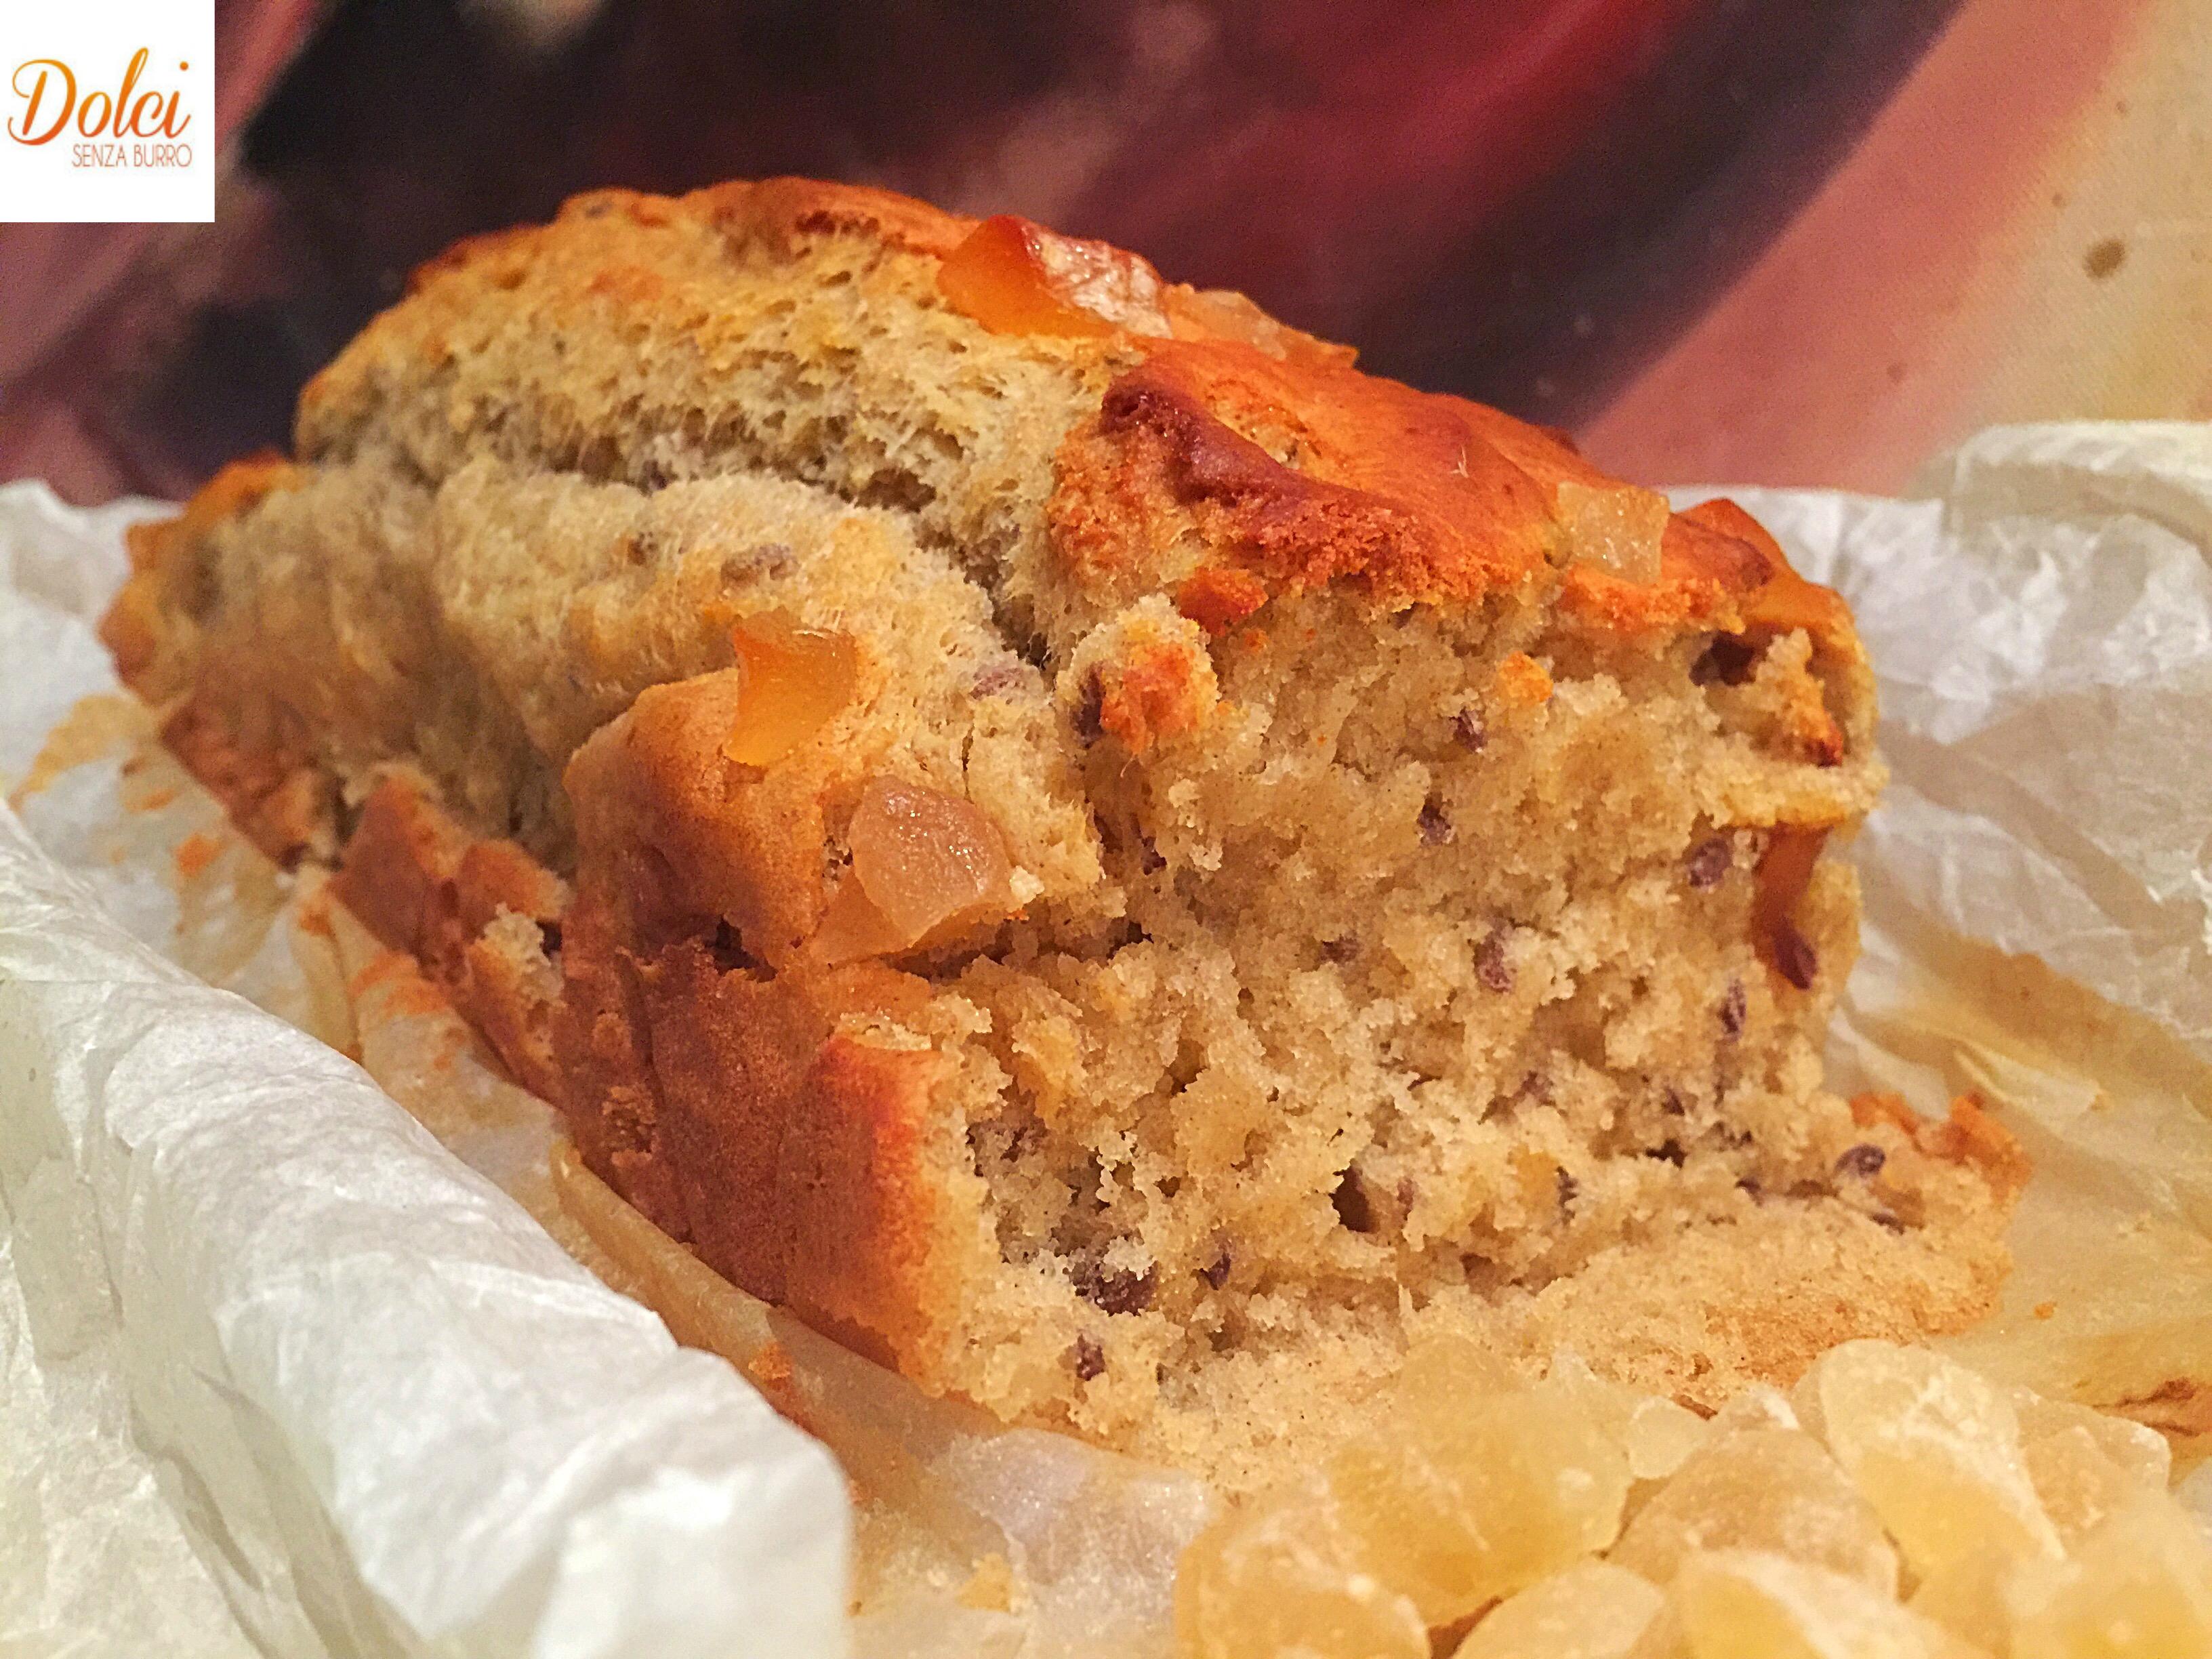 La Torta allo Zenzero Senza Burro e Uova, un dolce light molto goloso e delicato adatto a intolleranti, vegani di dolci senza burro